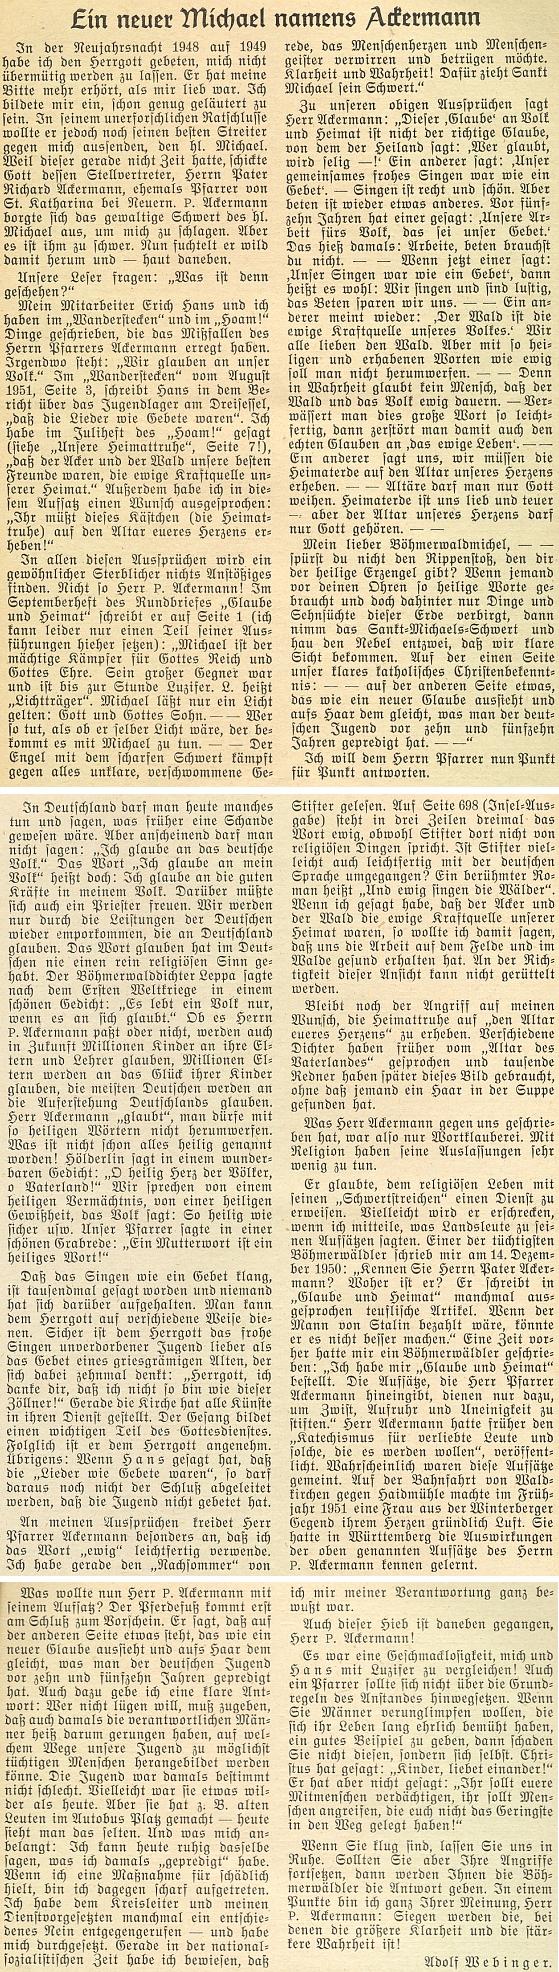 """Bojovně naladěný polemický článek Adolfa Webingera proti němu v časopise Hoam! svědčí o tom, že názorová východiska krajanů se výrazně rozcházela už brzy po odsunu - Webinger dokonce cituje dopis jednoho """"poctivého Šumavana"""", že kdyby byl prý Ackermann """"placen Stalinem, nemohl by to dělat lépe"""""""